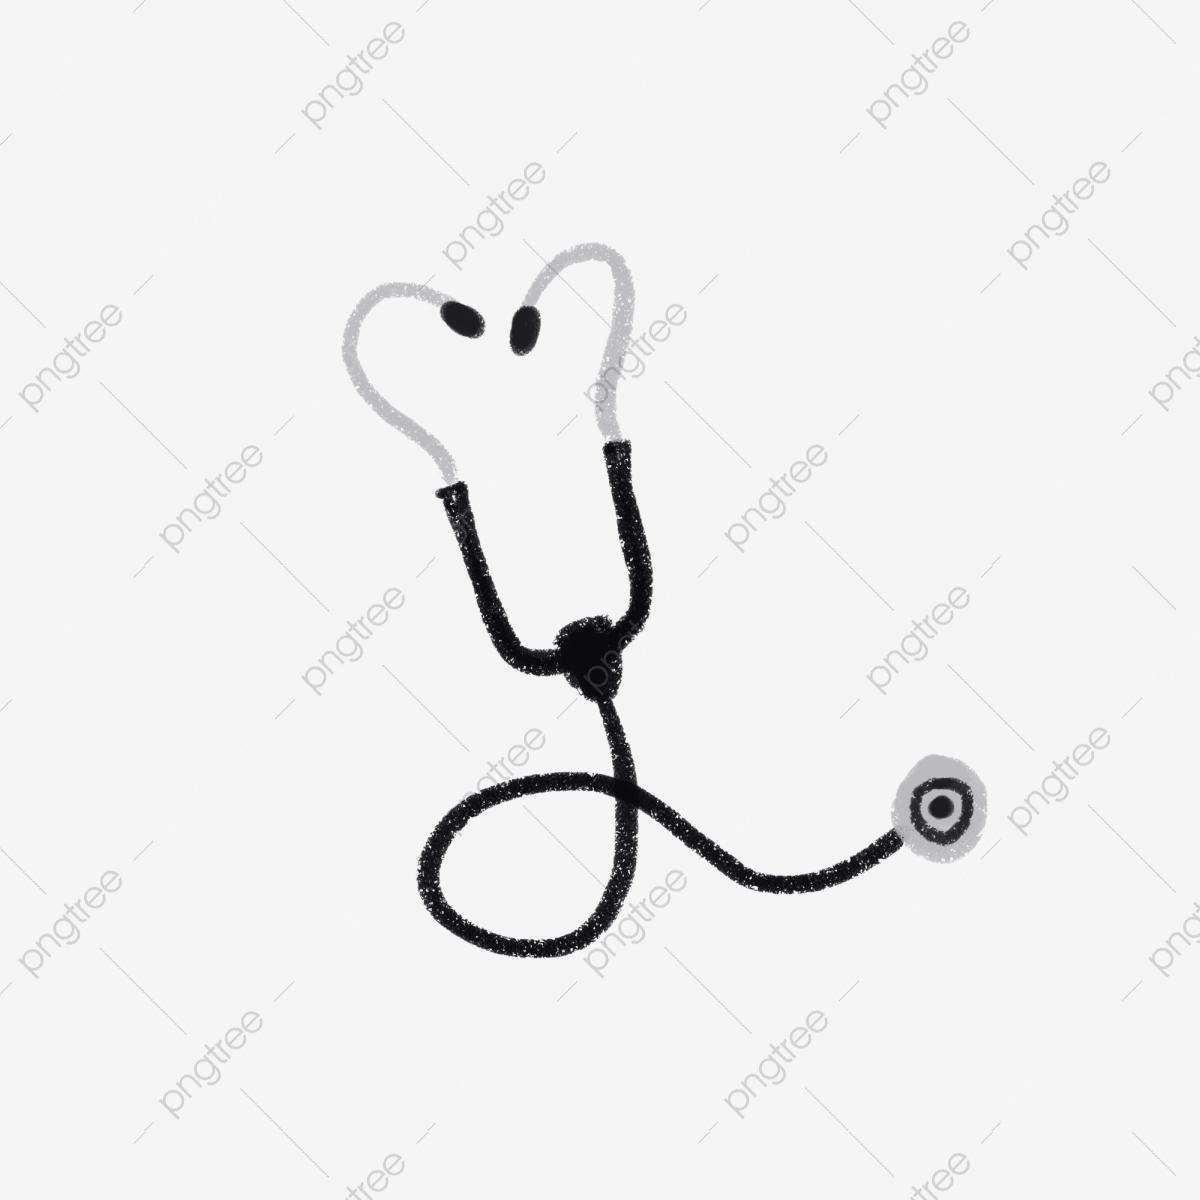 Modèle Délément Déquipement Stéthoscope Équipement Médical pour Dessin Stéthoscope